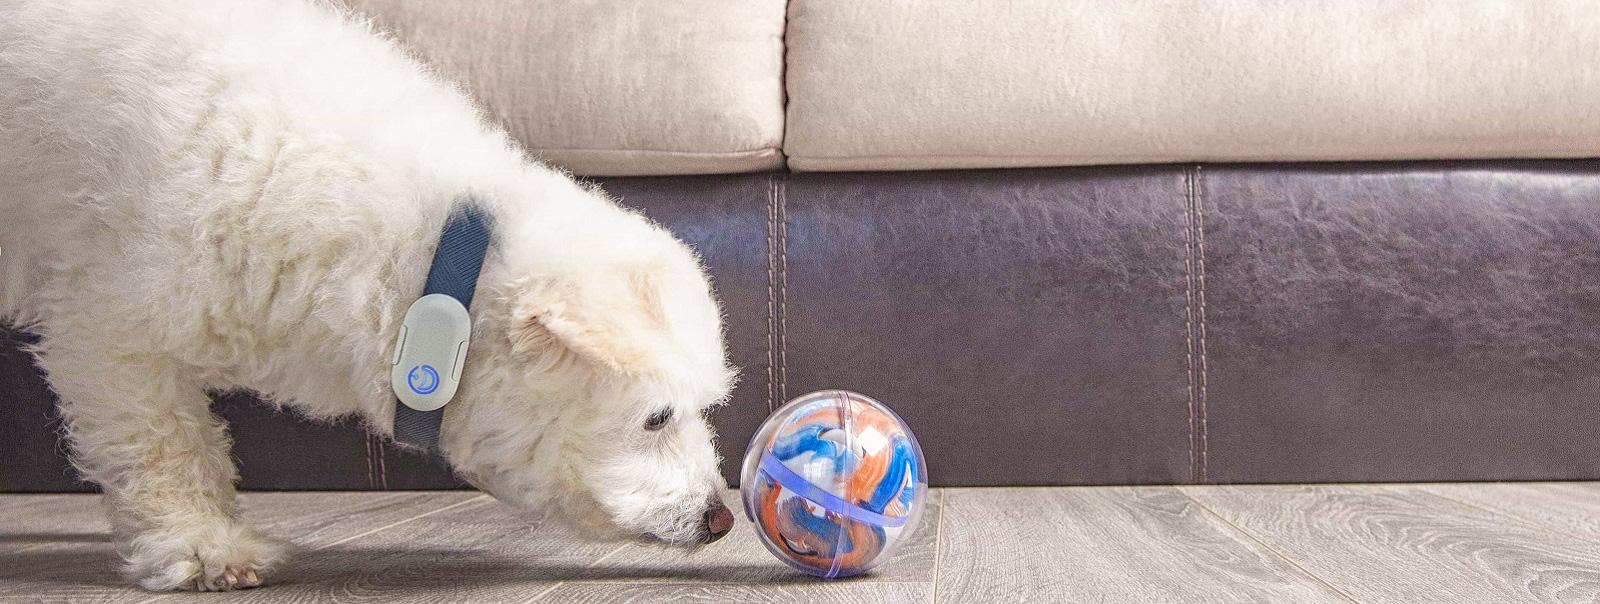 Pebby - розумний м'ячик для домашніх тварин з автоматичним заряджанням